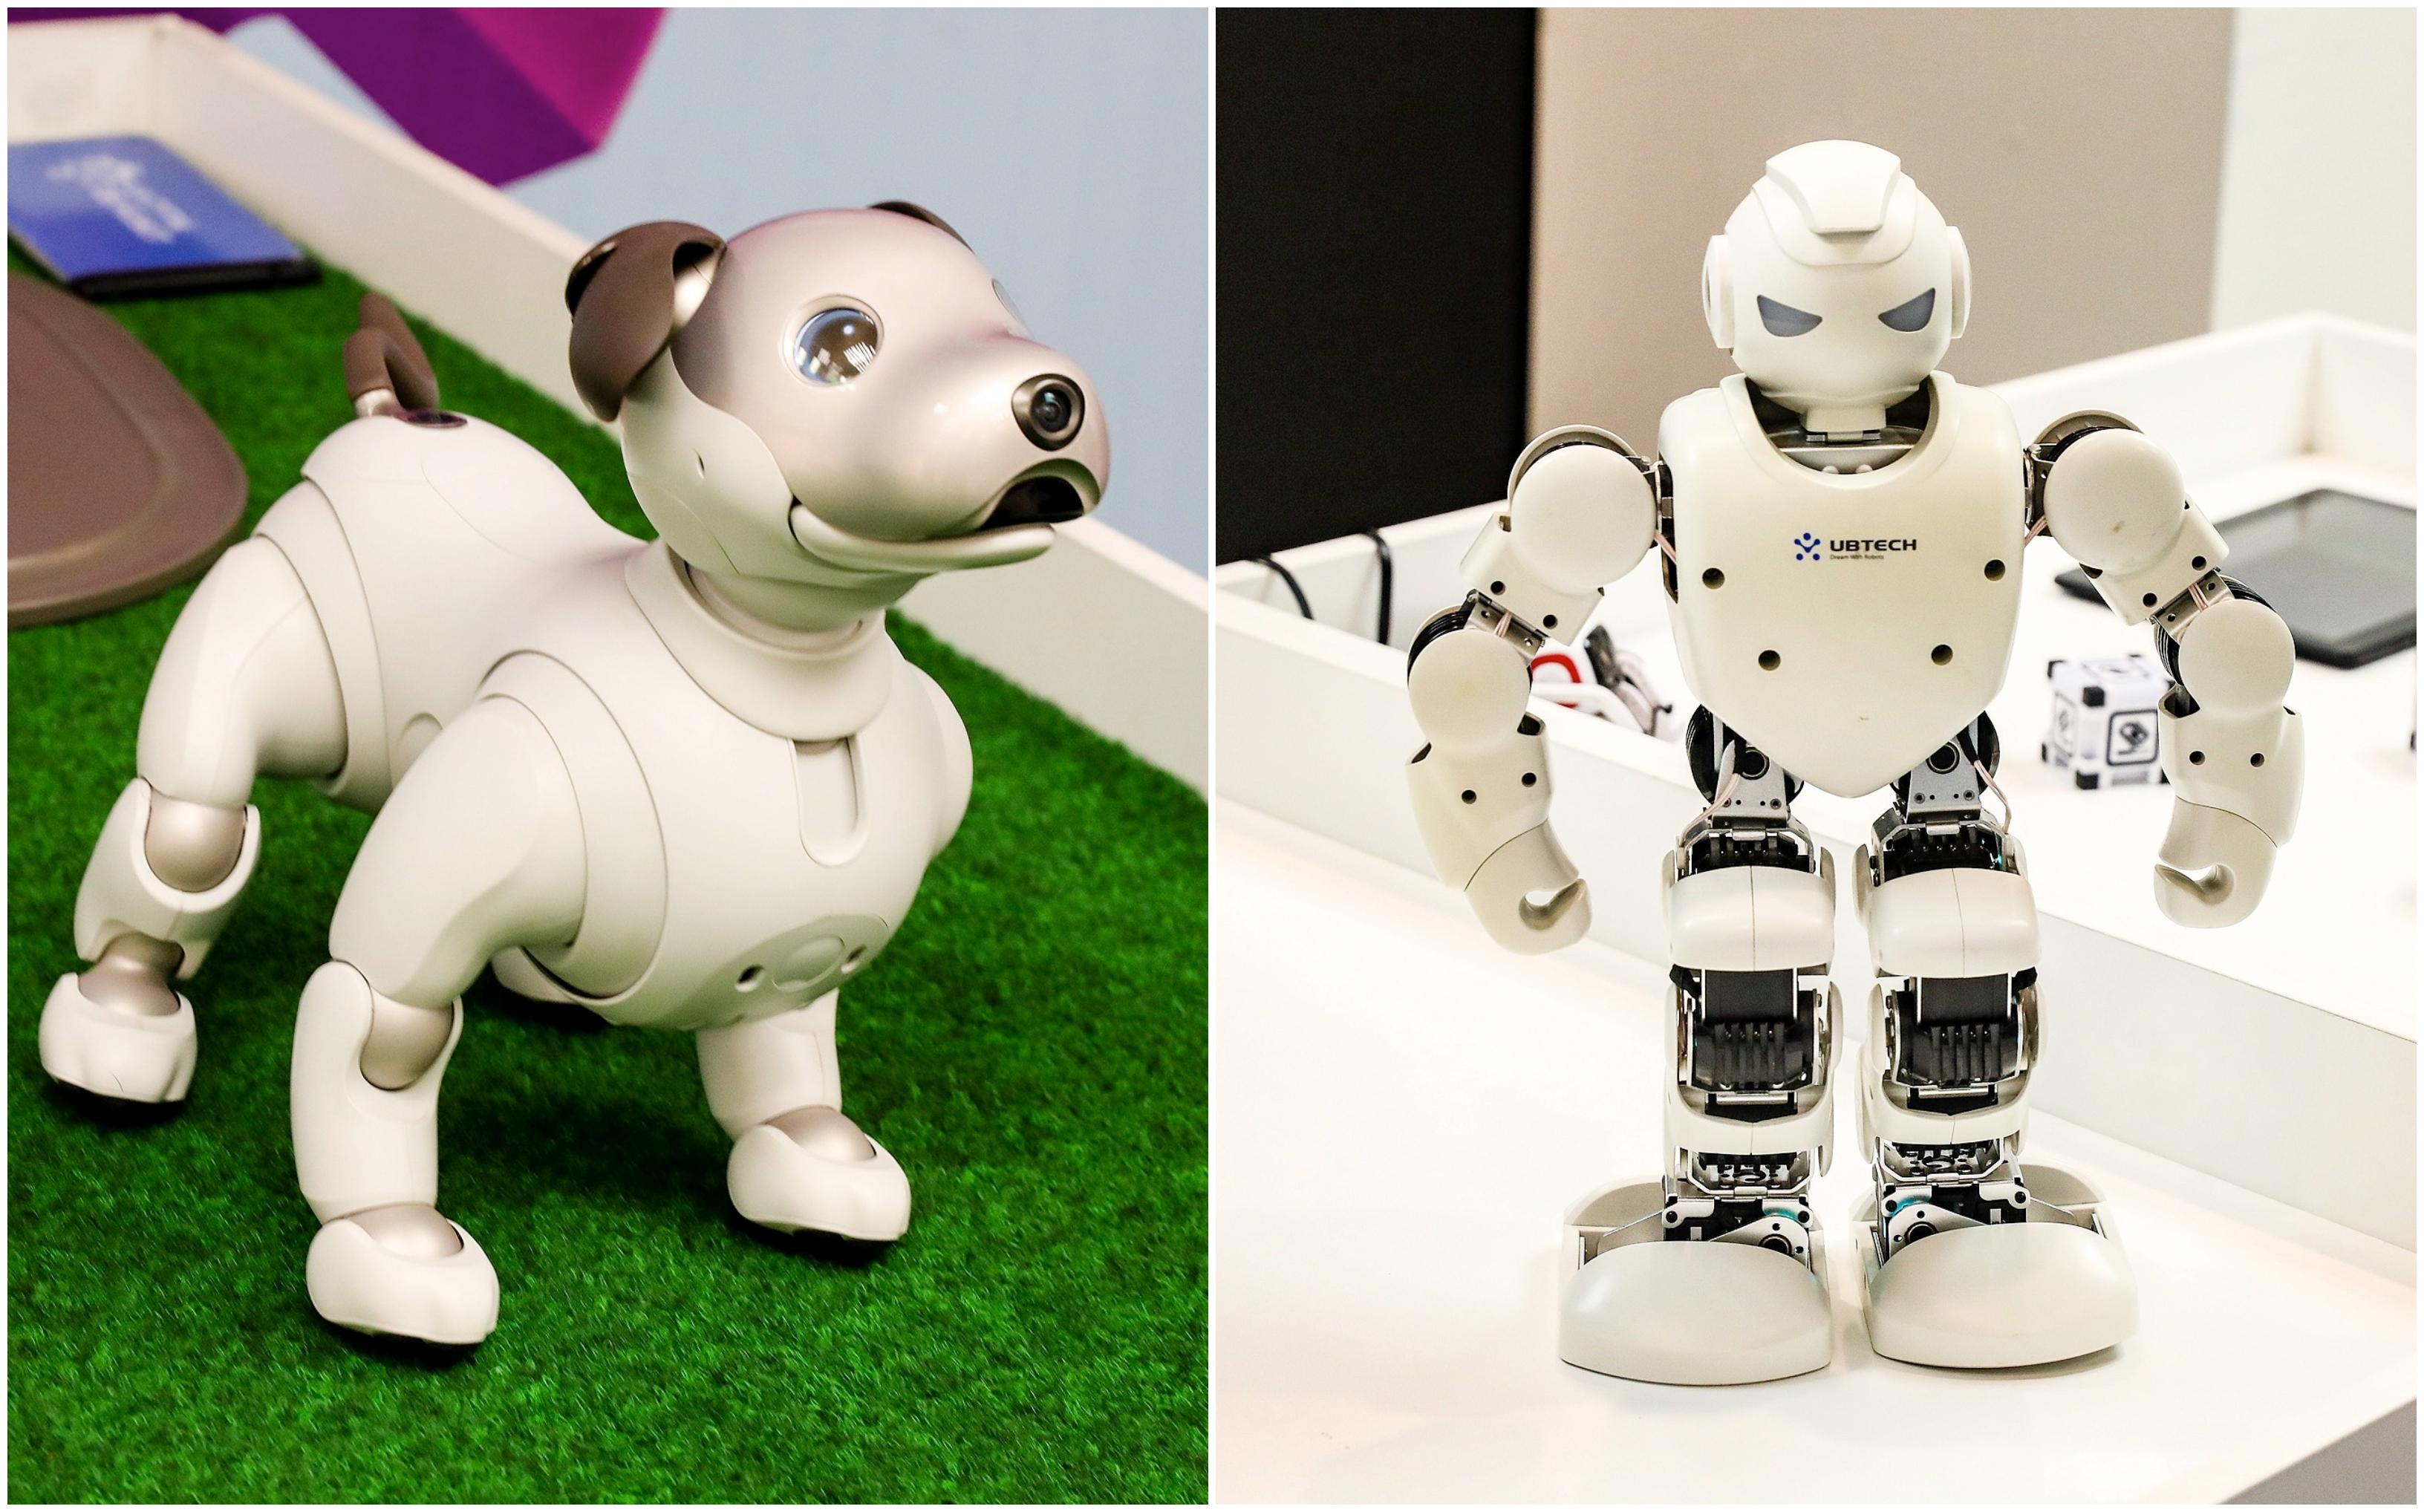 Automatinė prekyba - išsamūs pamąstymai apie Forex robotus